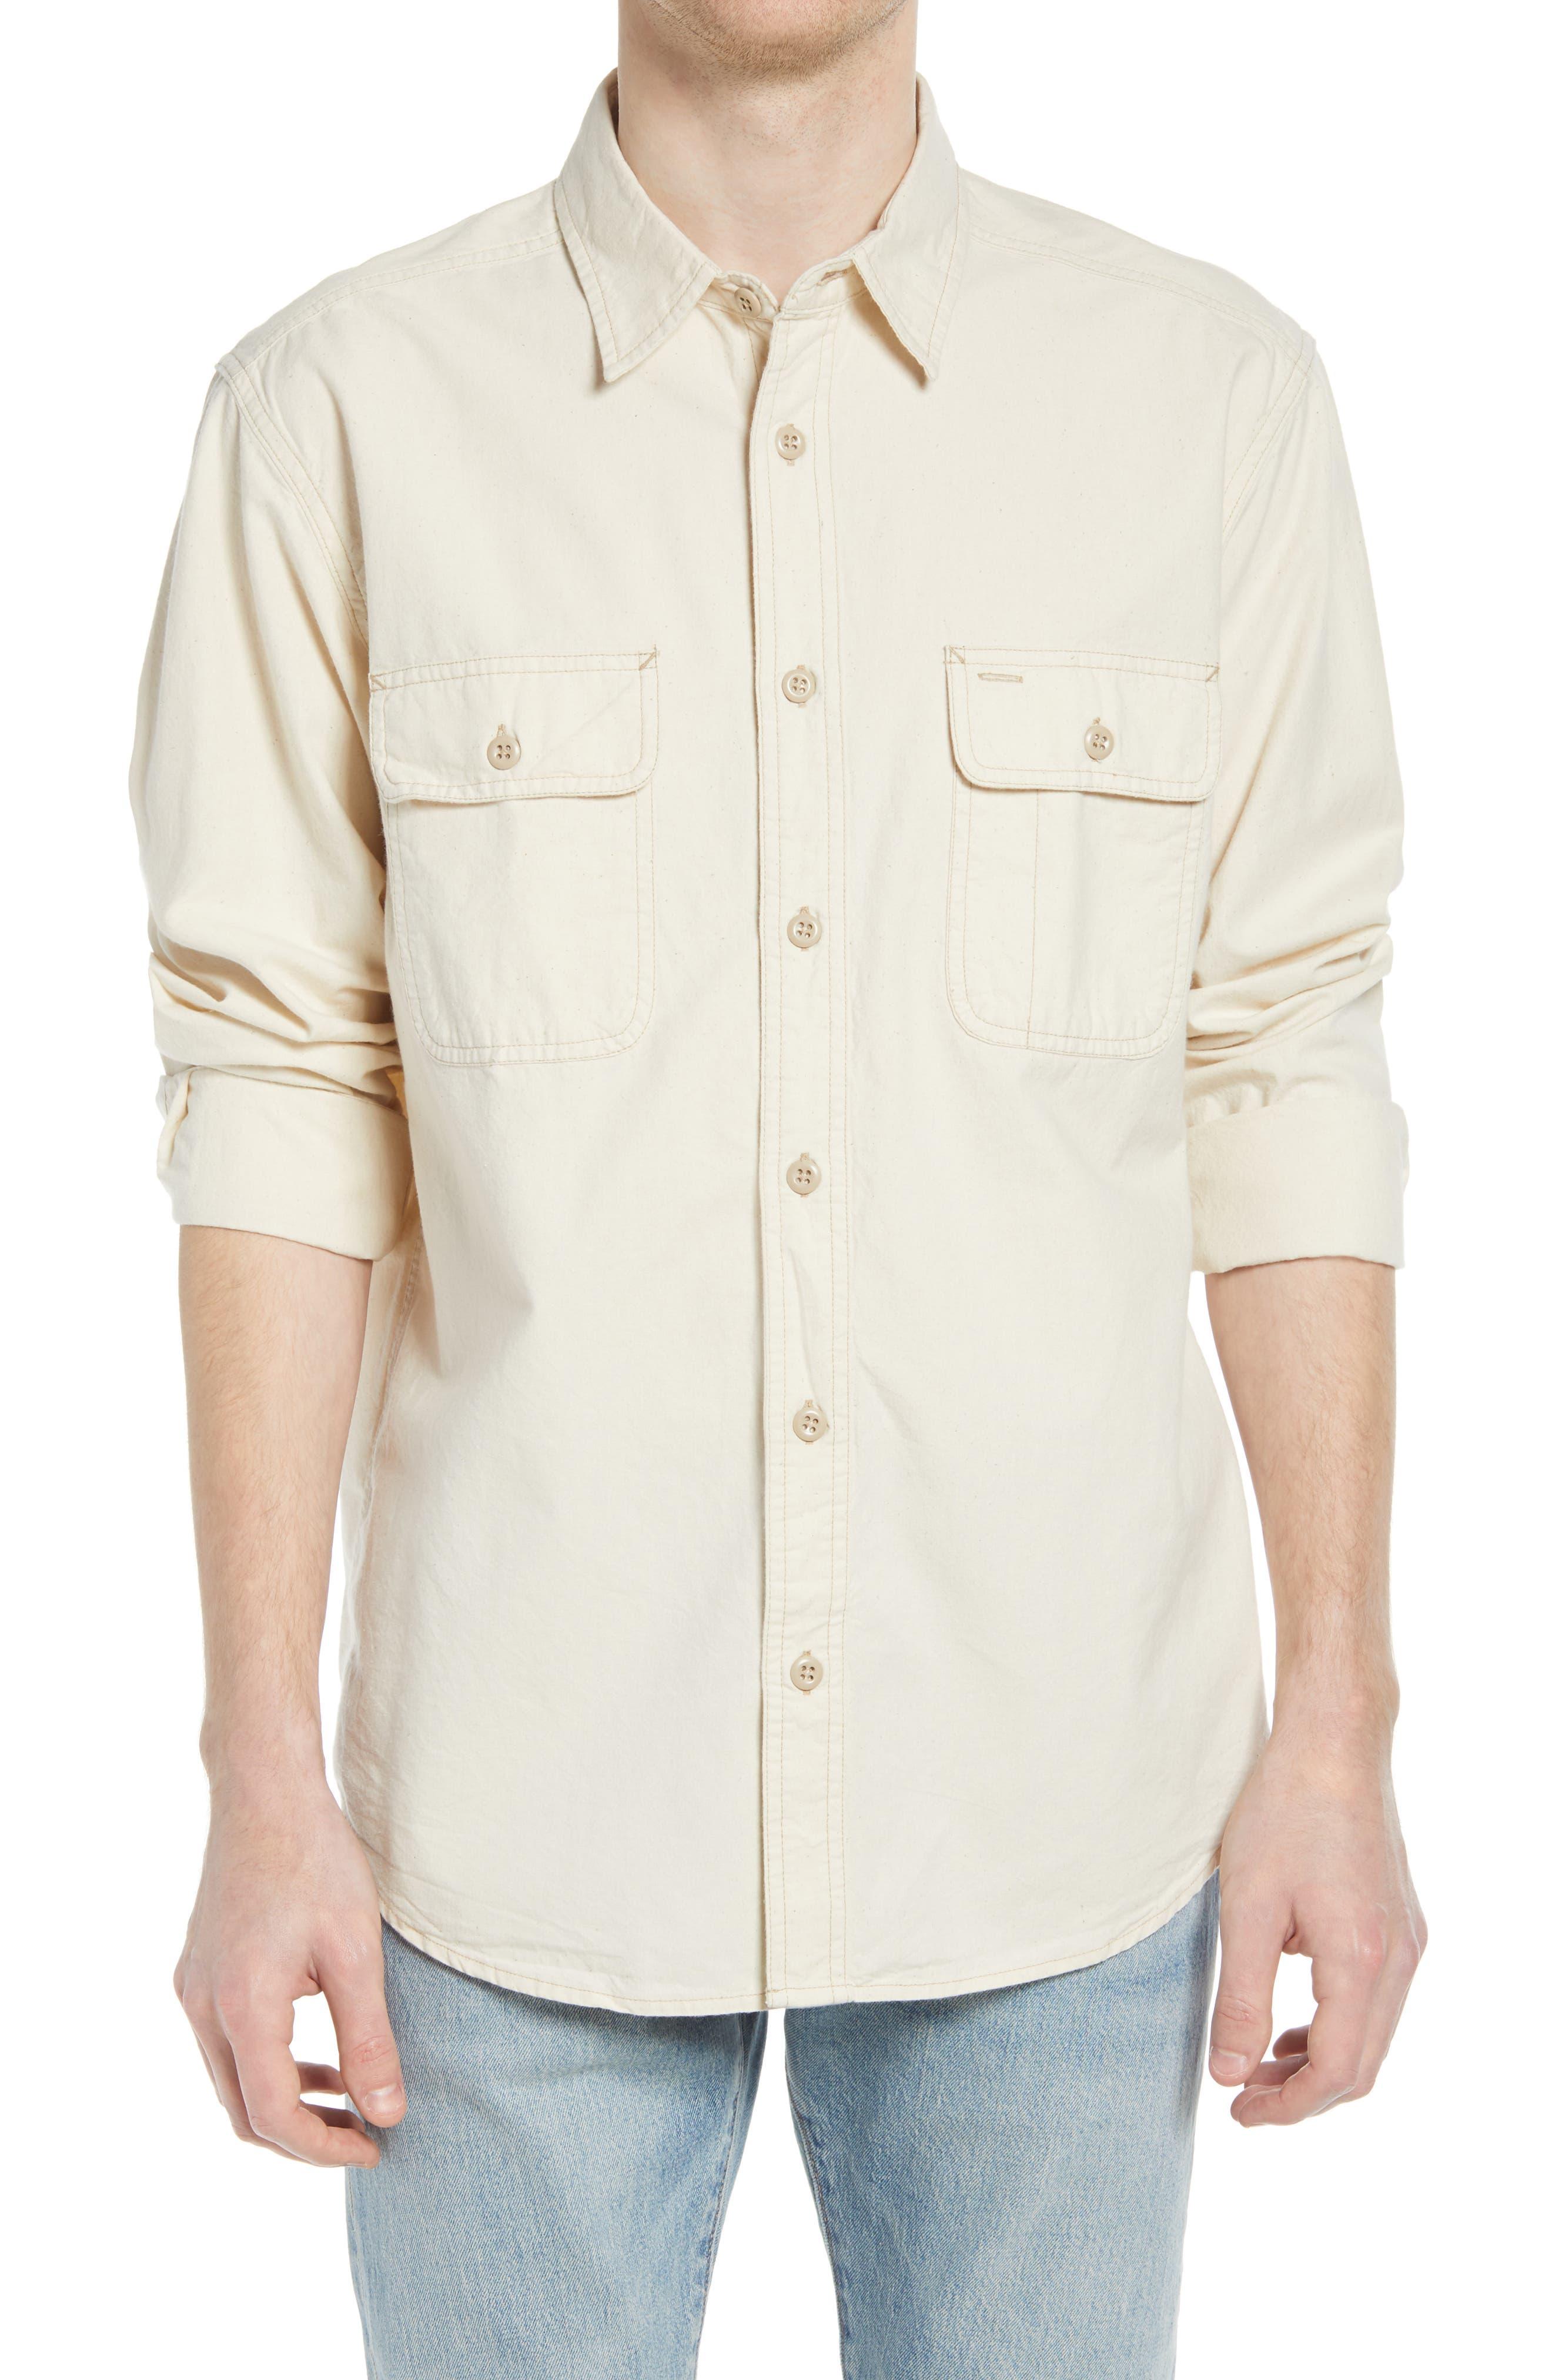 Kitsap Button-Up Work Shirt